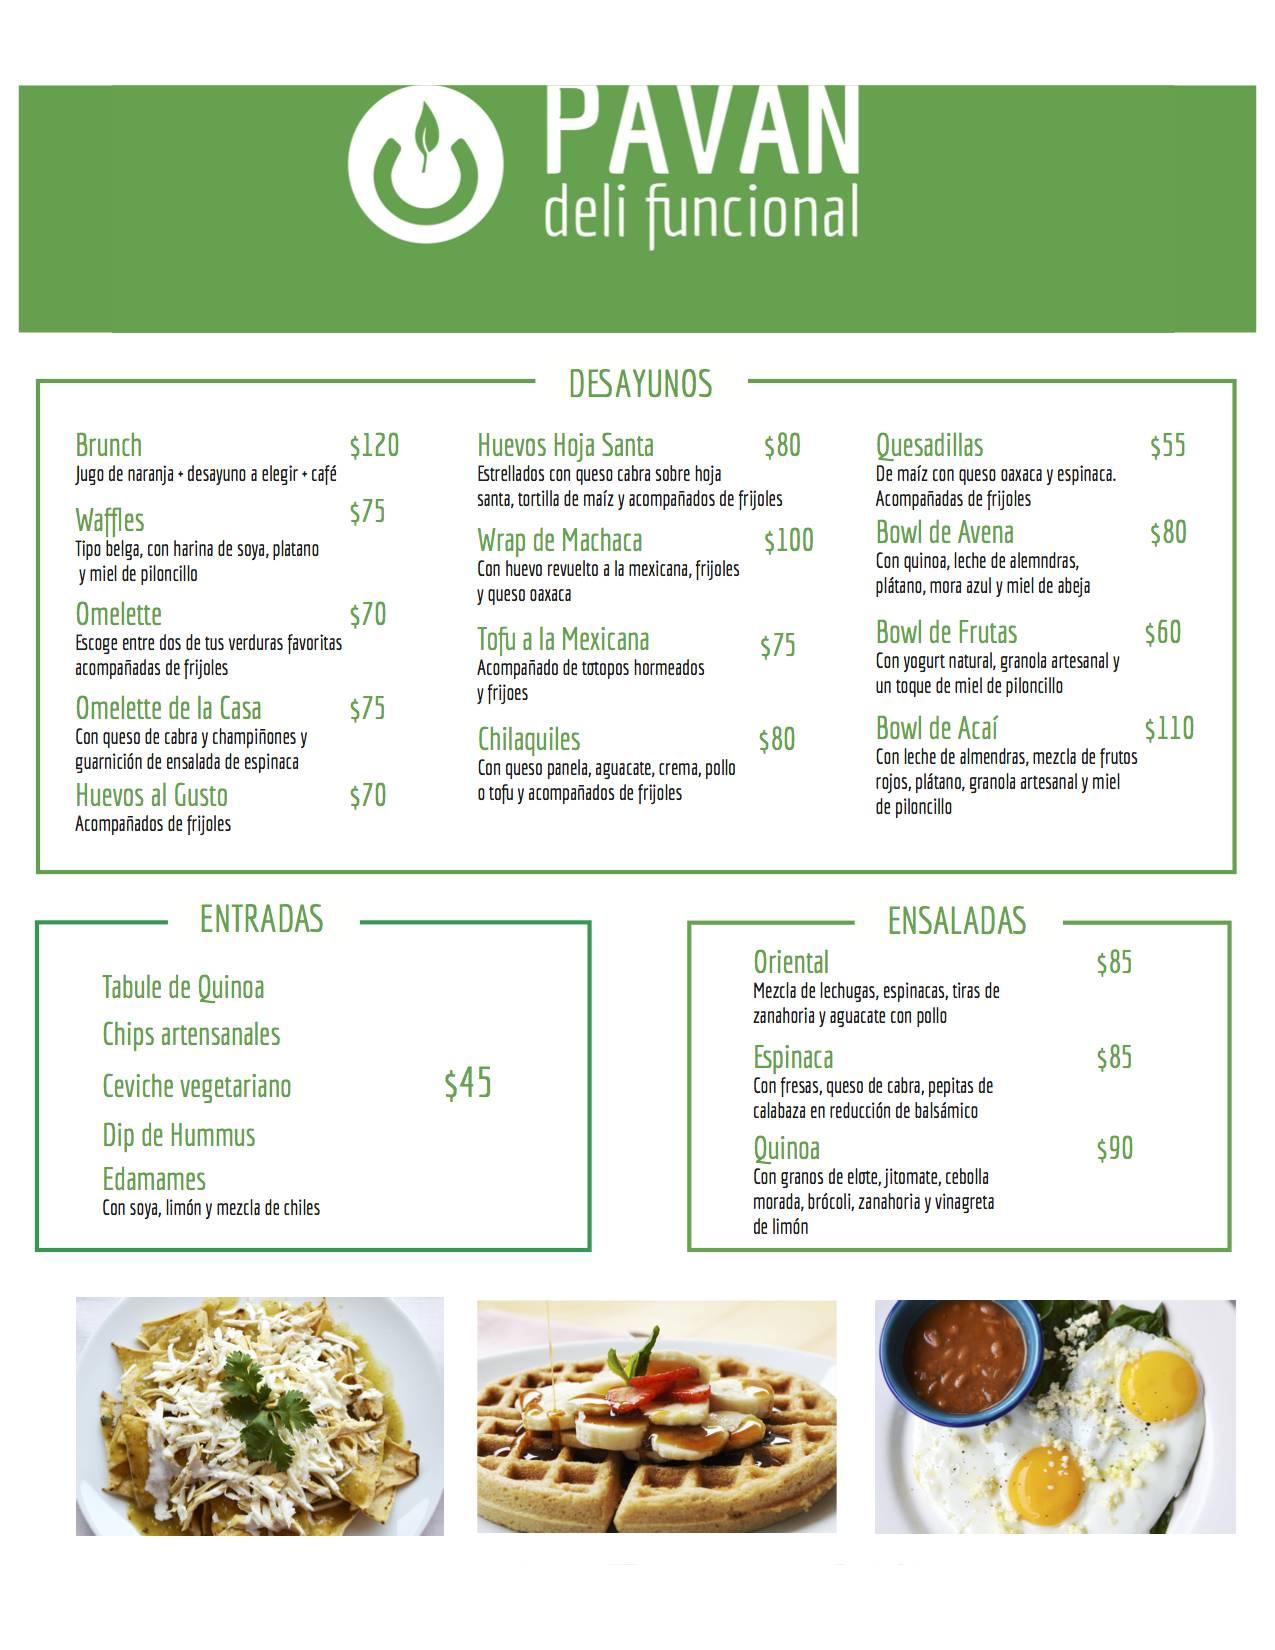 menu pavan 1 copia 2.jpg